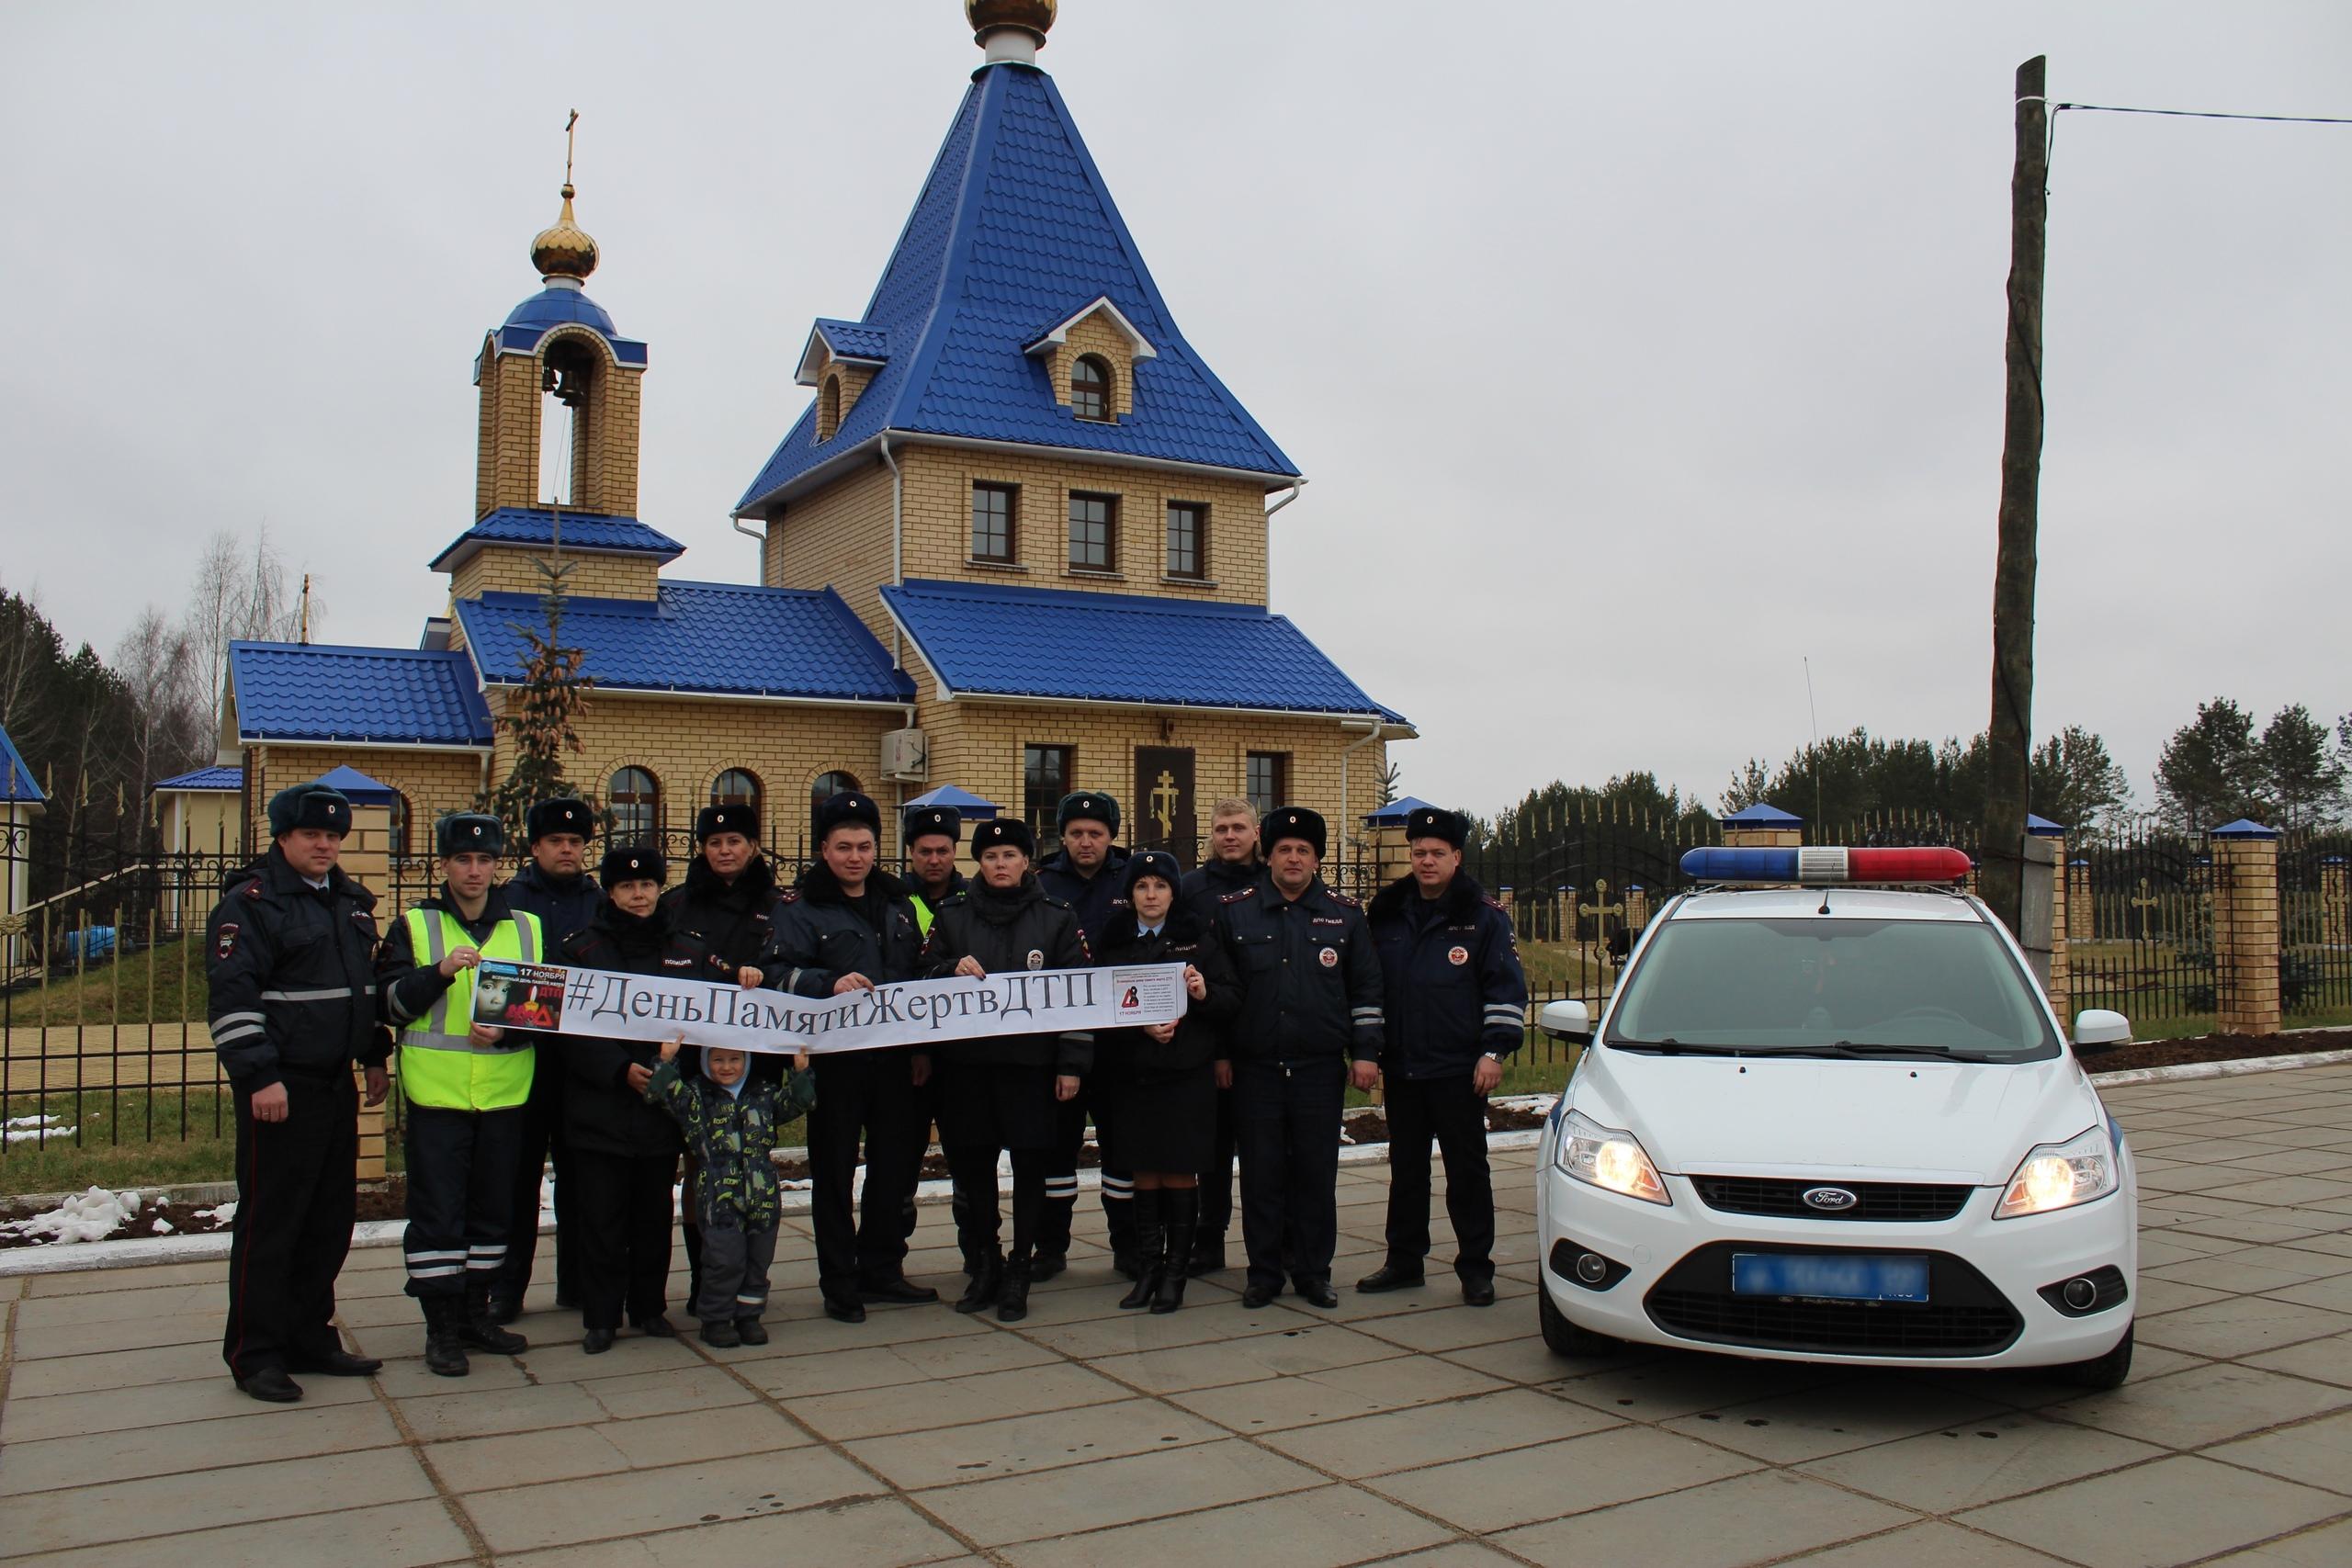 день памяти жертв дтп, чайковский район, 2019 год